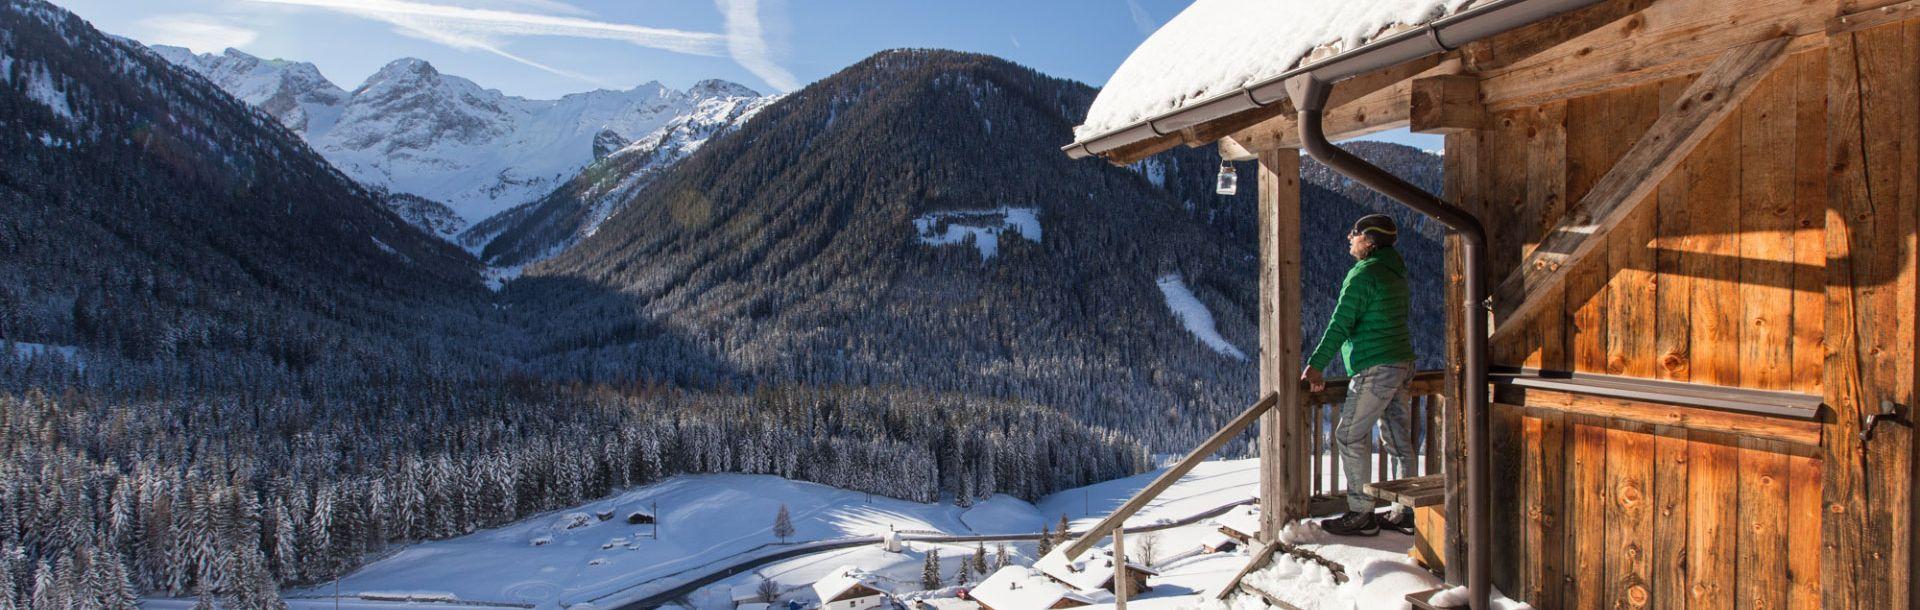 Kartitsch in Osttirol - OsttirolerLand.com | © TVB Osttirol/BergimBild